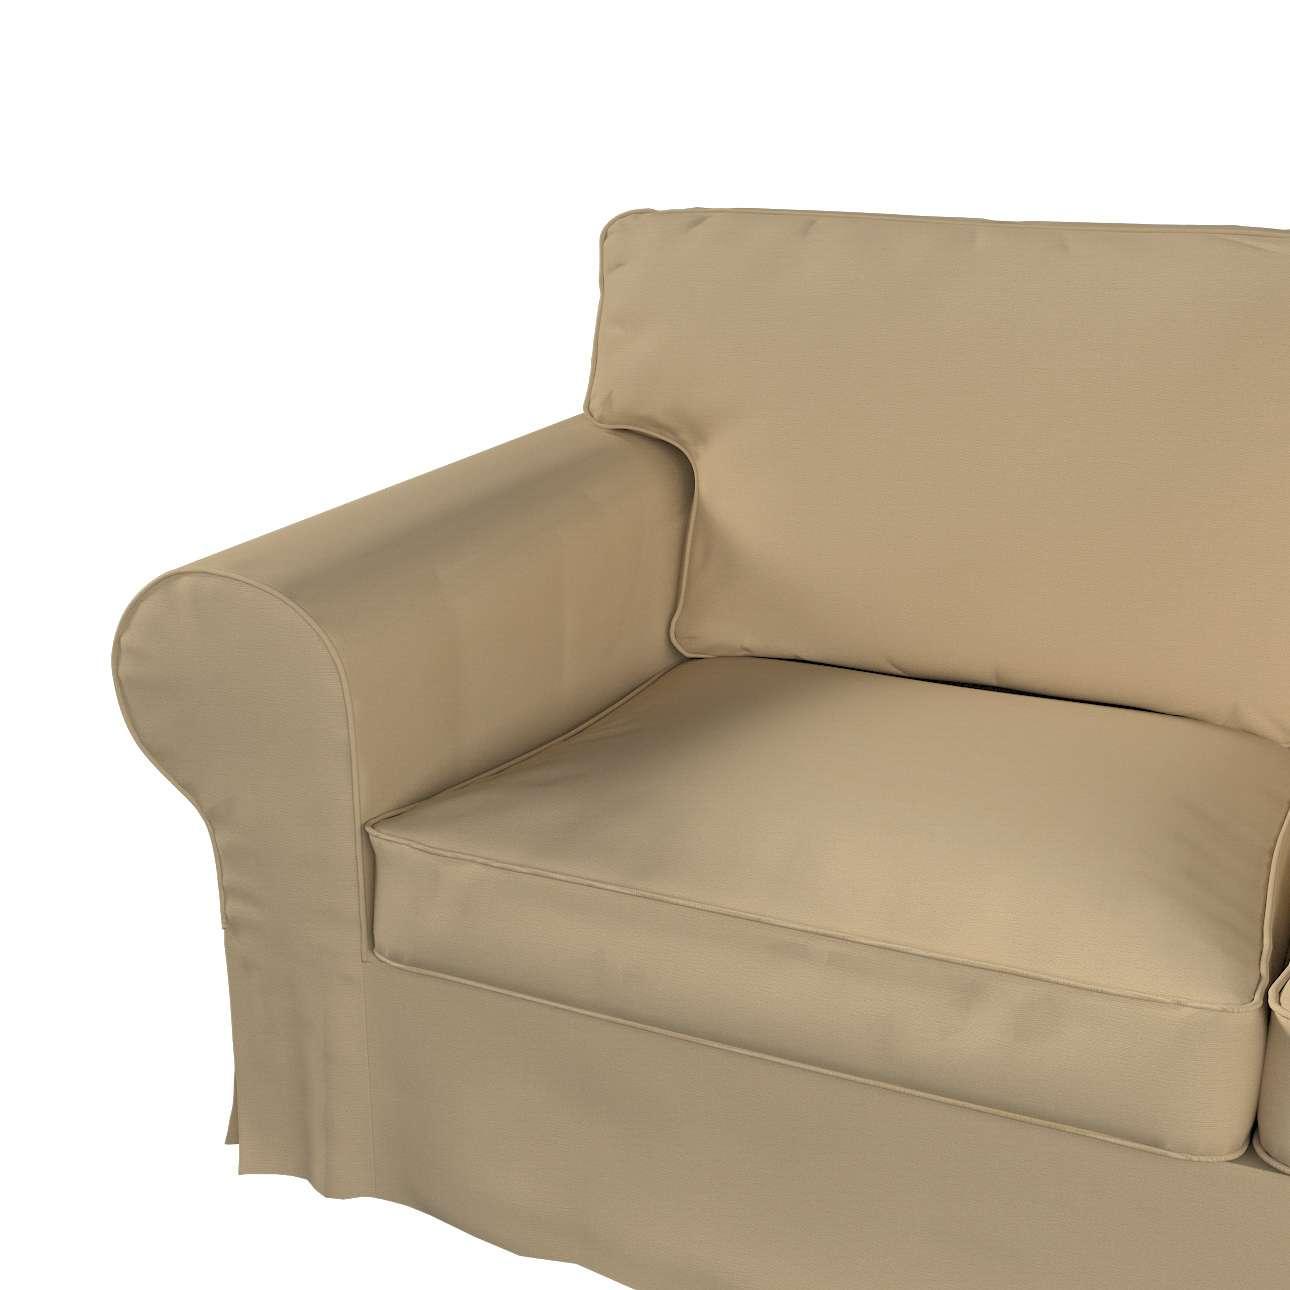 Pokrowiec na sofę Ektorp 2-osobową i leżankę w kolekcji Cotton Panama, tkanina: 702-01